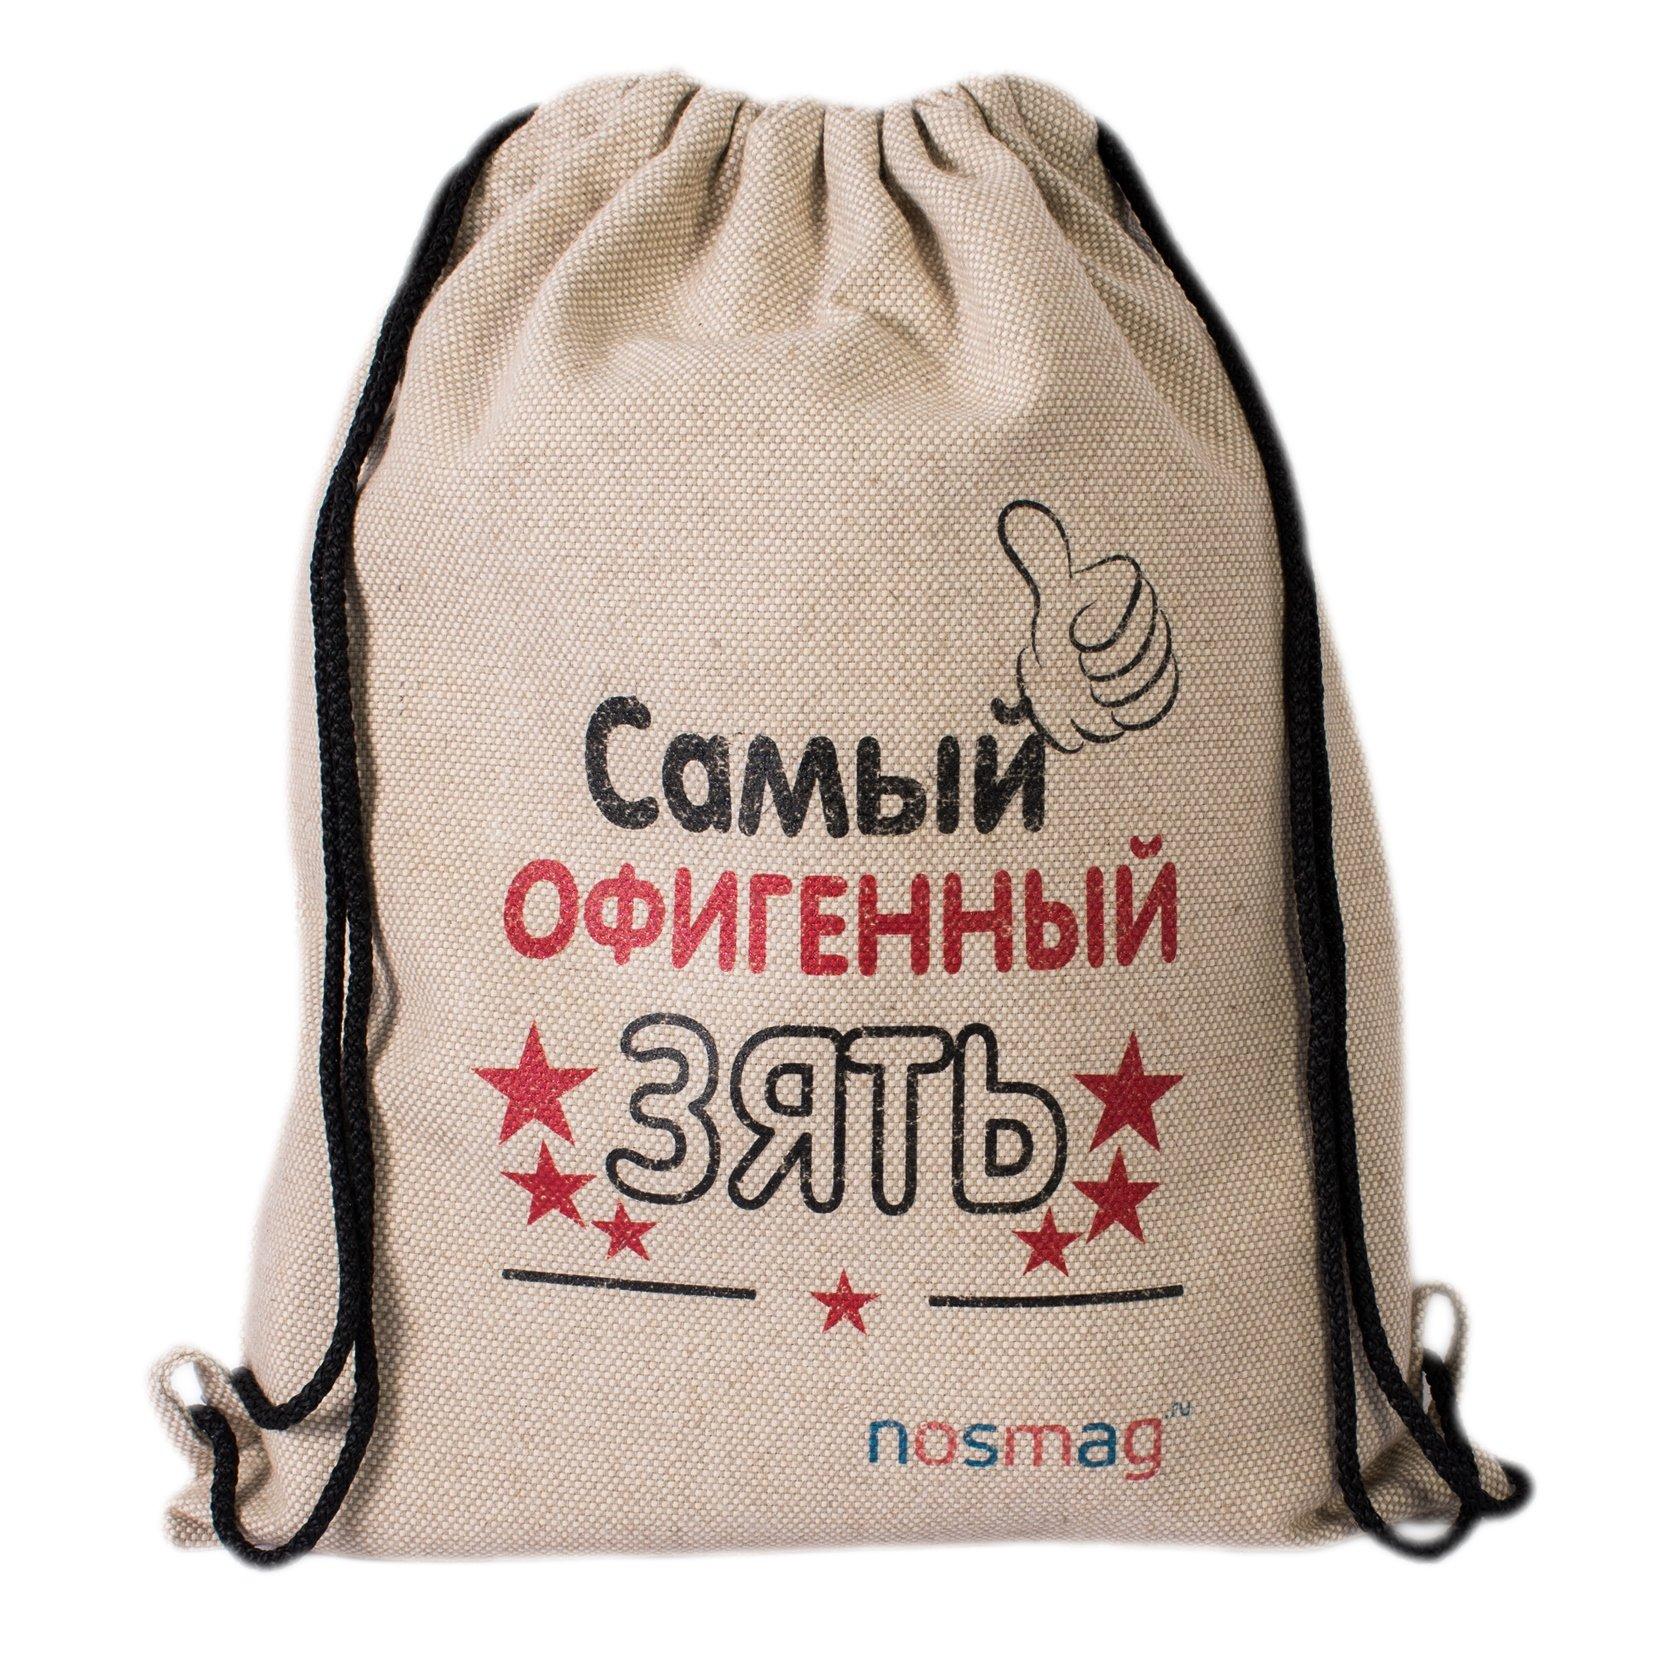 Набор носков «Бизнес» 20 пар в мешке с надписью «Самый офигенный зять»